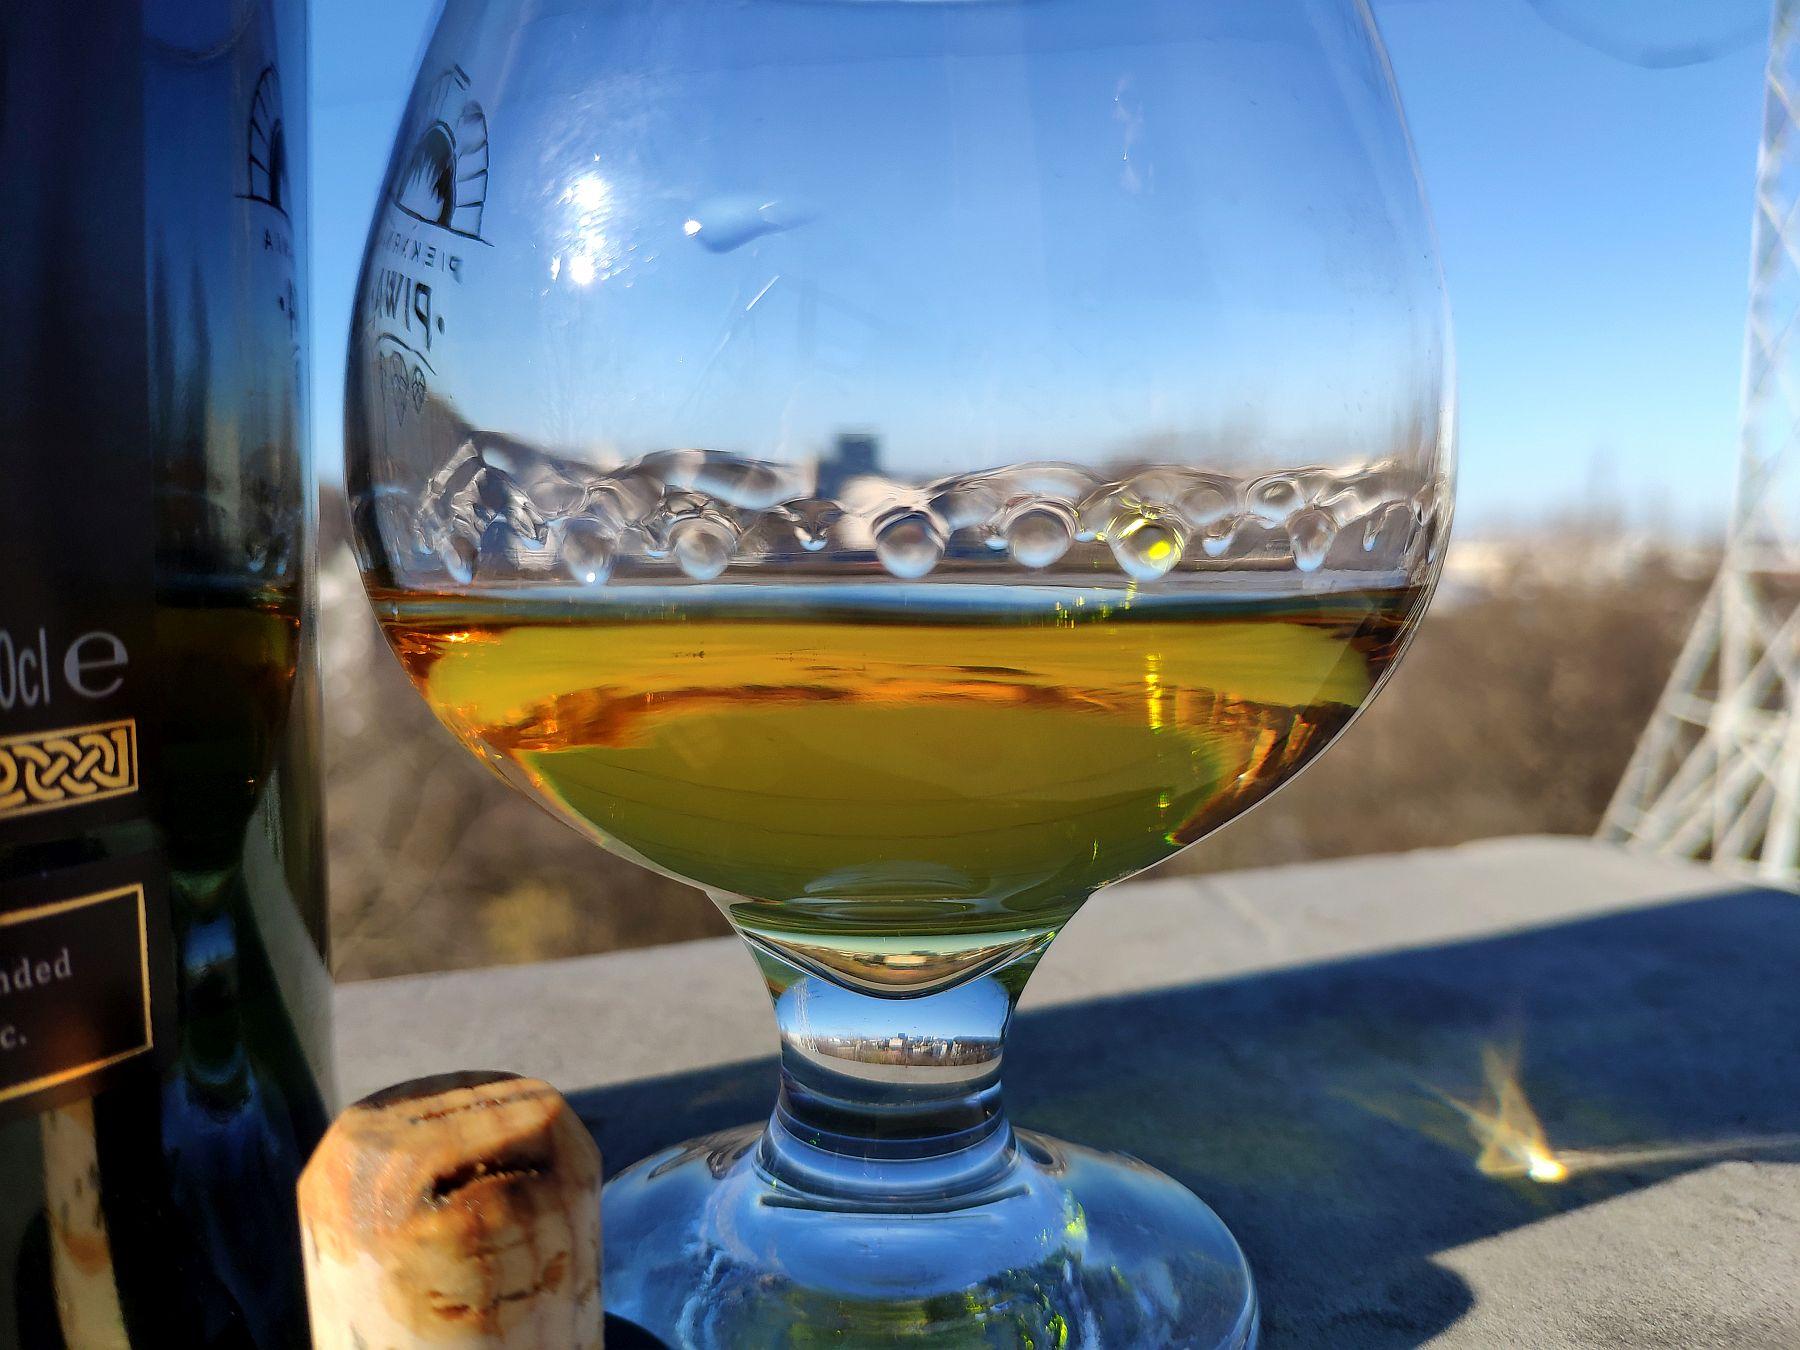 Ardbeg An Oa Islay Whisky - strugi na szkle